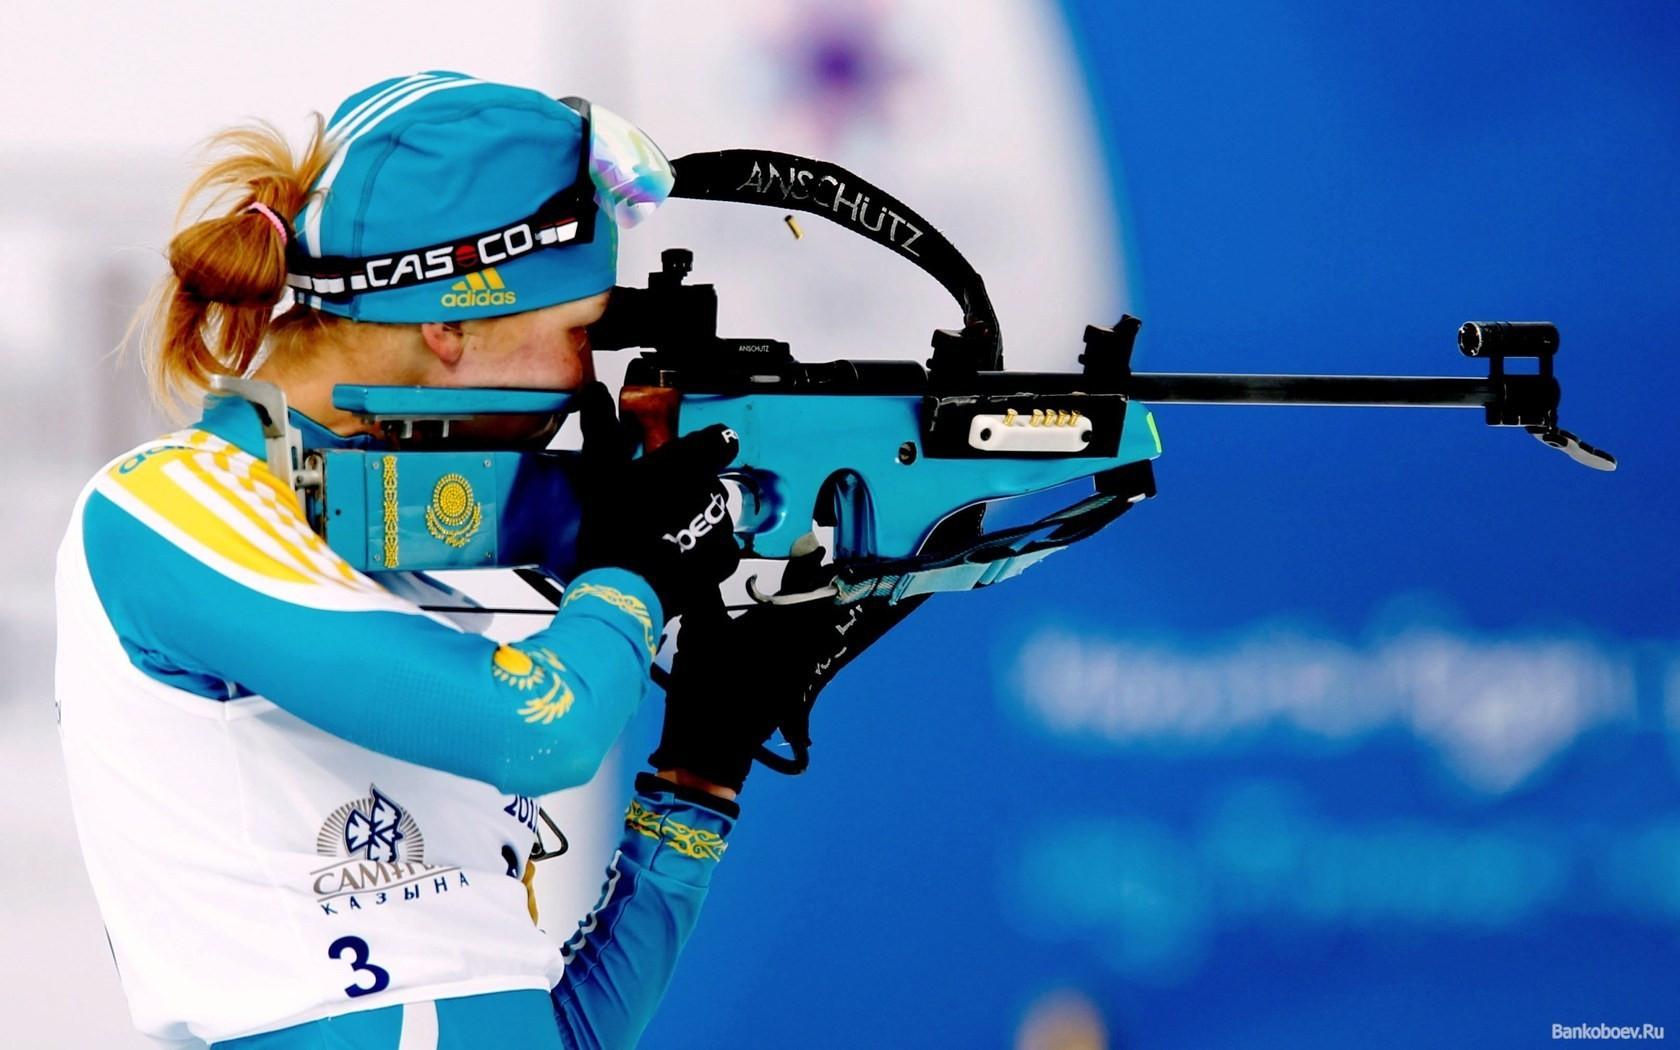 Новые правила для спортсменов ввел международный союз биатлонистов (IBU)